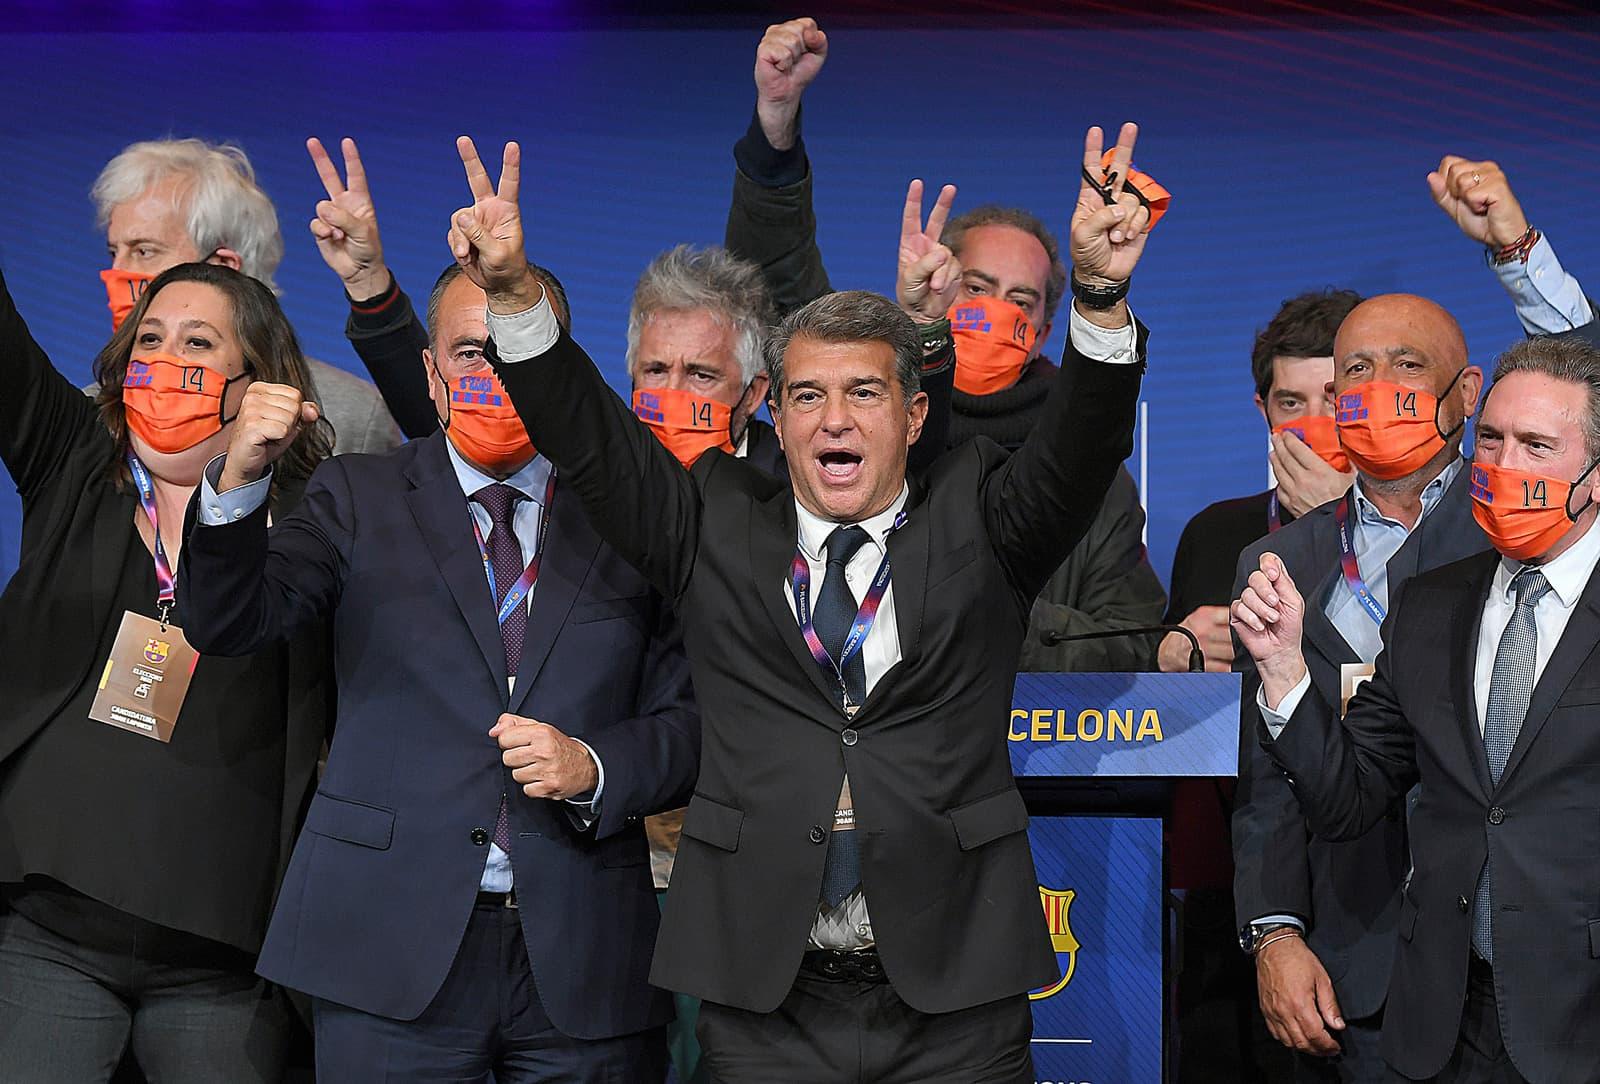 Joan Laporta i el seu equip celebren la victòria a les eleccions del Barça, el passat 7 de març. Fotografia de Lluís Gené. AFP.